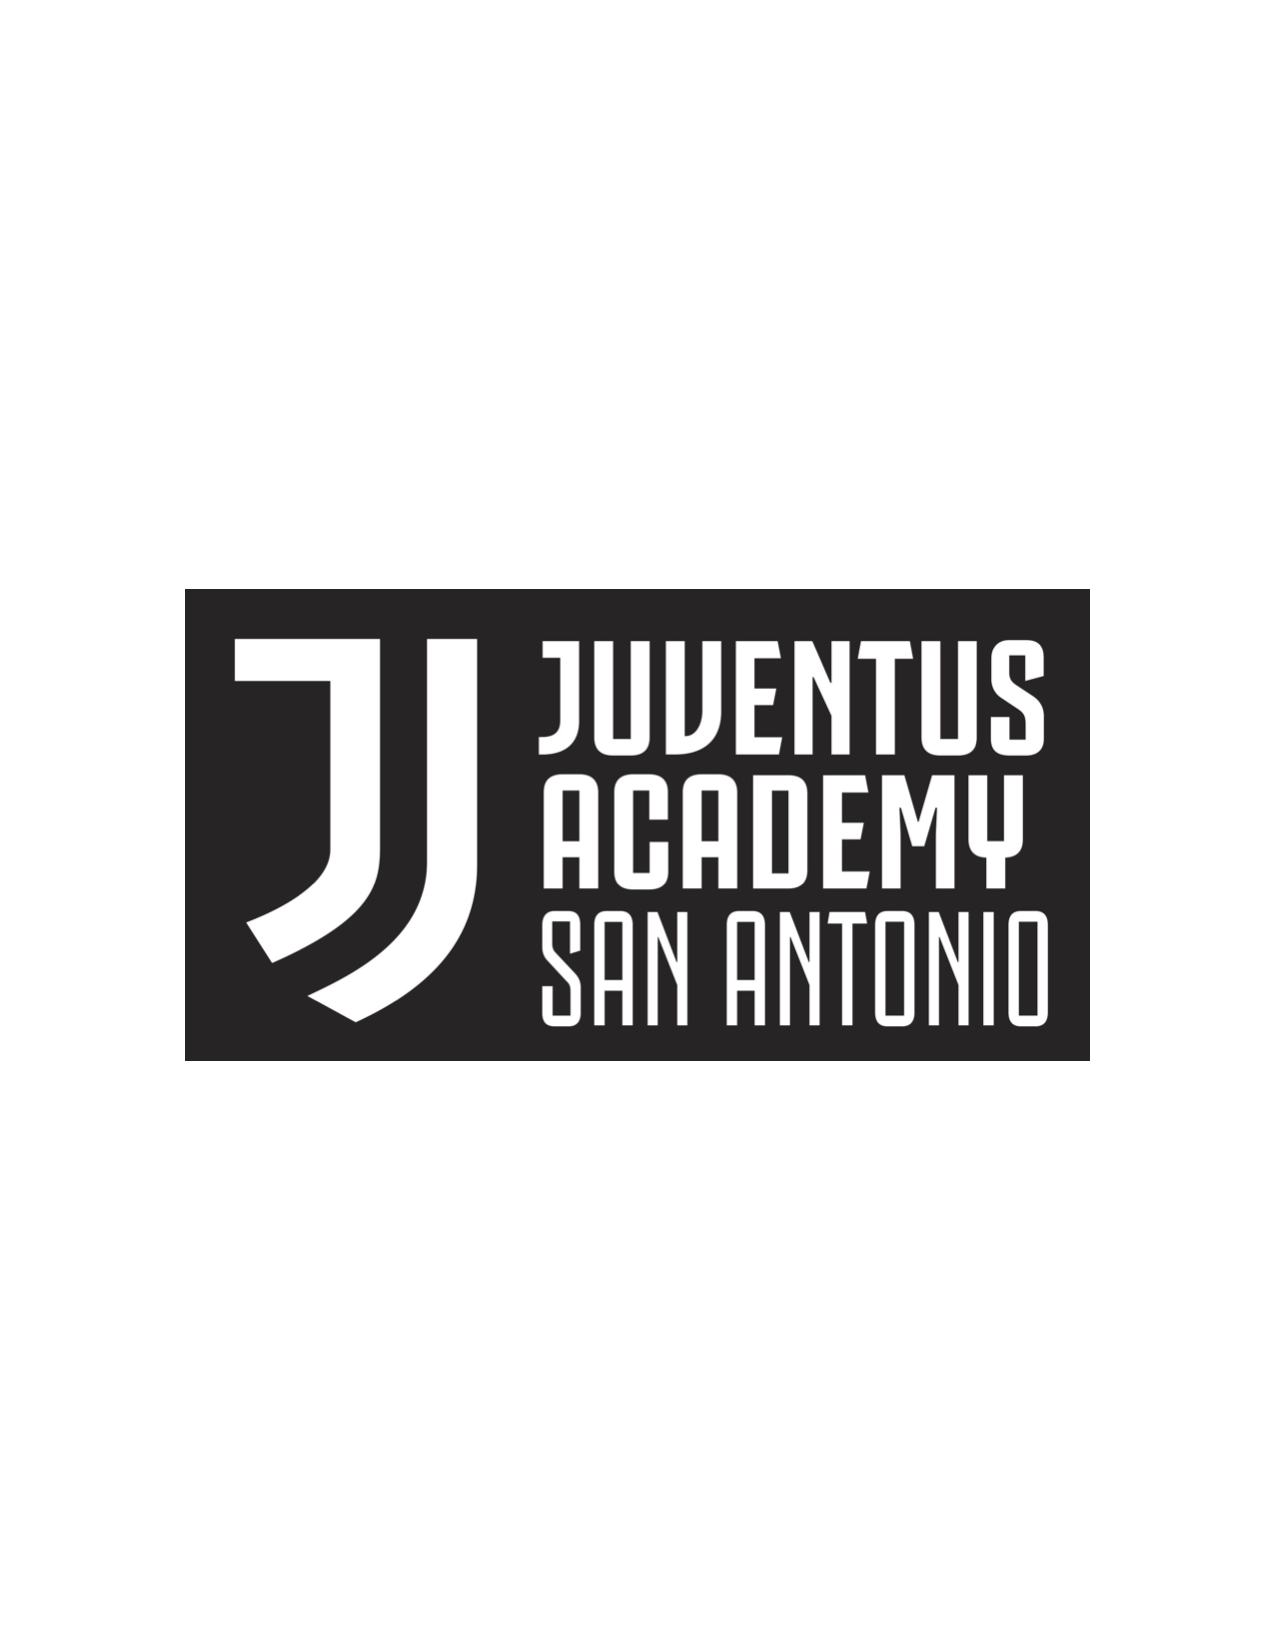 Juventus Academy San Antonio